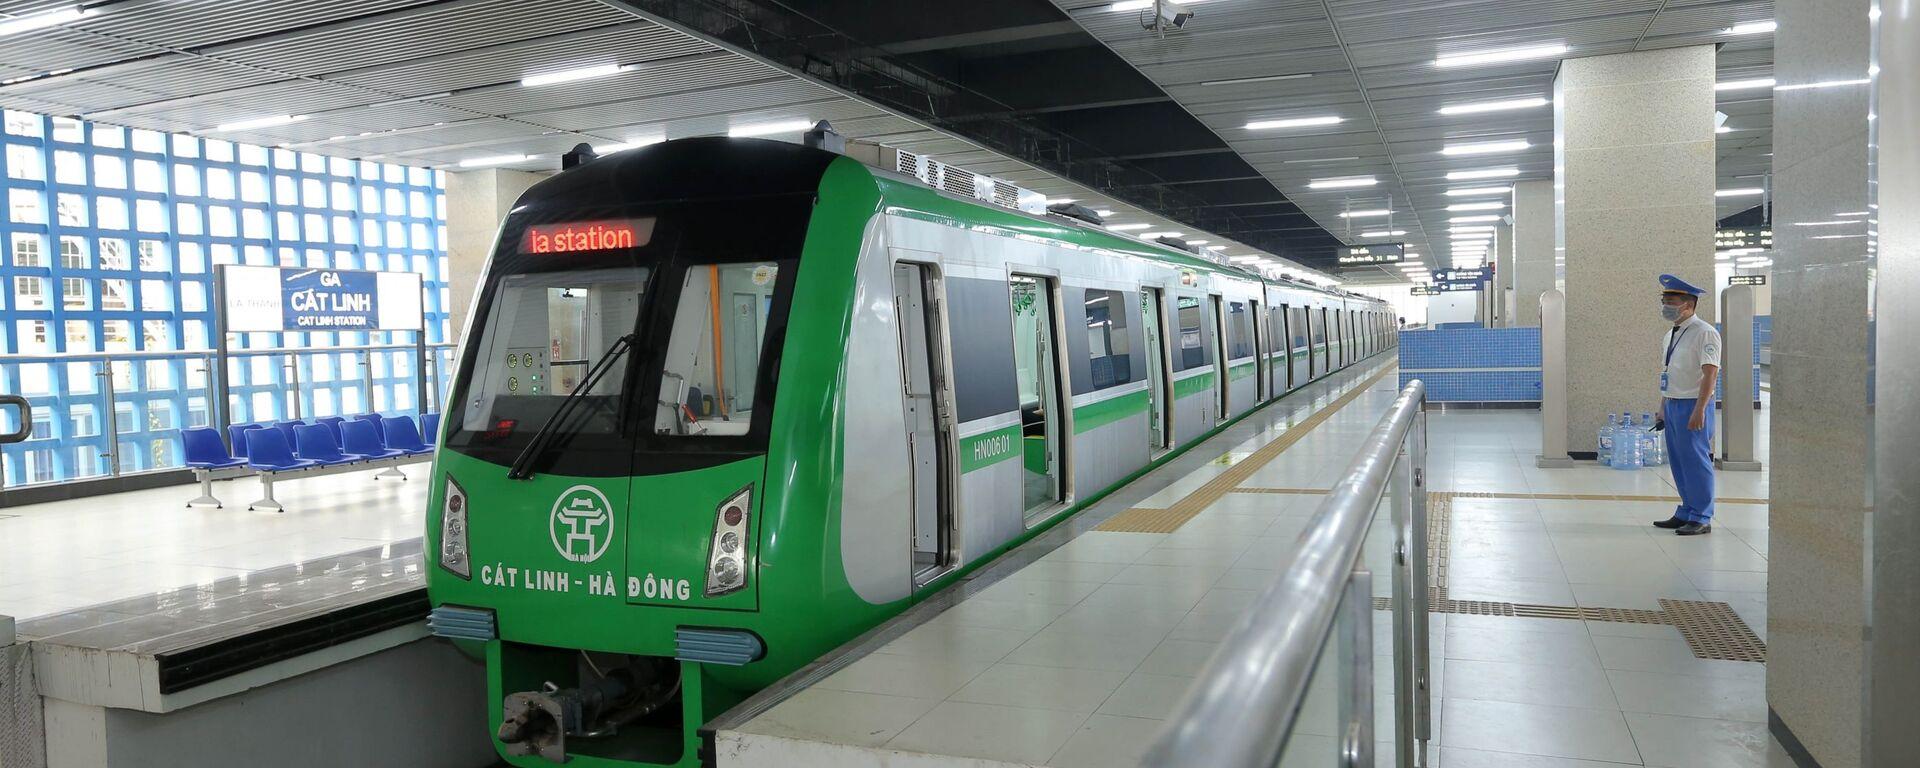 Tàu đường sắt tuyến Cát Linh - Hà Đông có tốc độ thiết kế tối đa 80 km/h.  - Sputnik Việt Nam, 1920, 09.04.2021